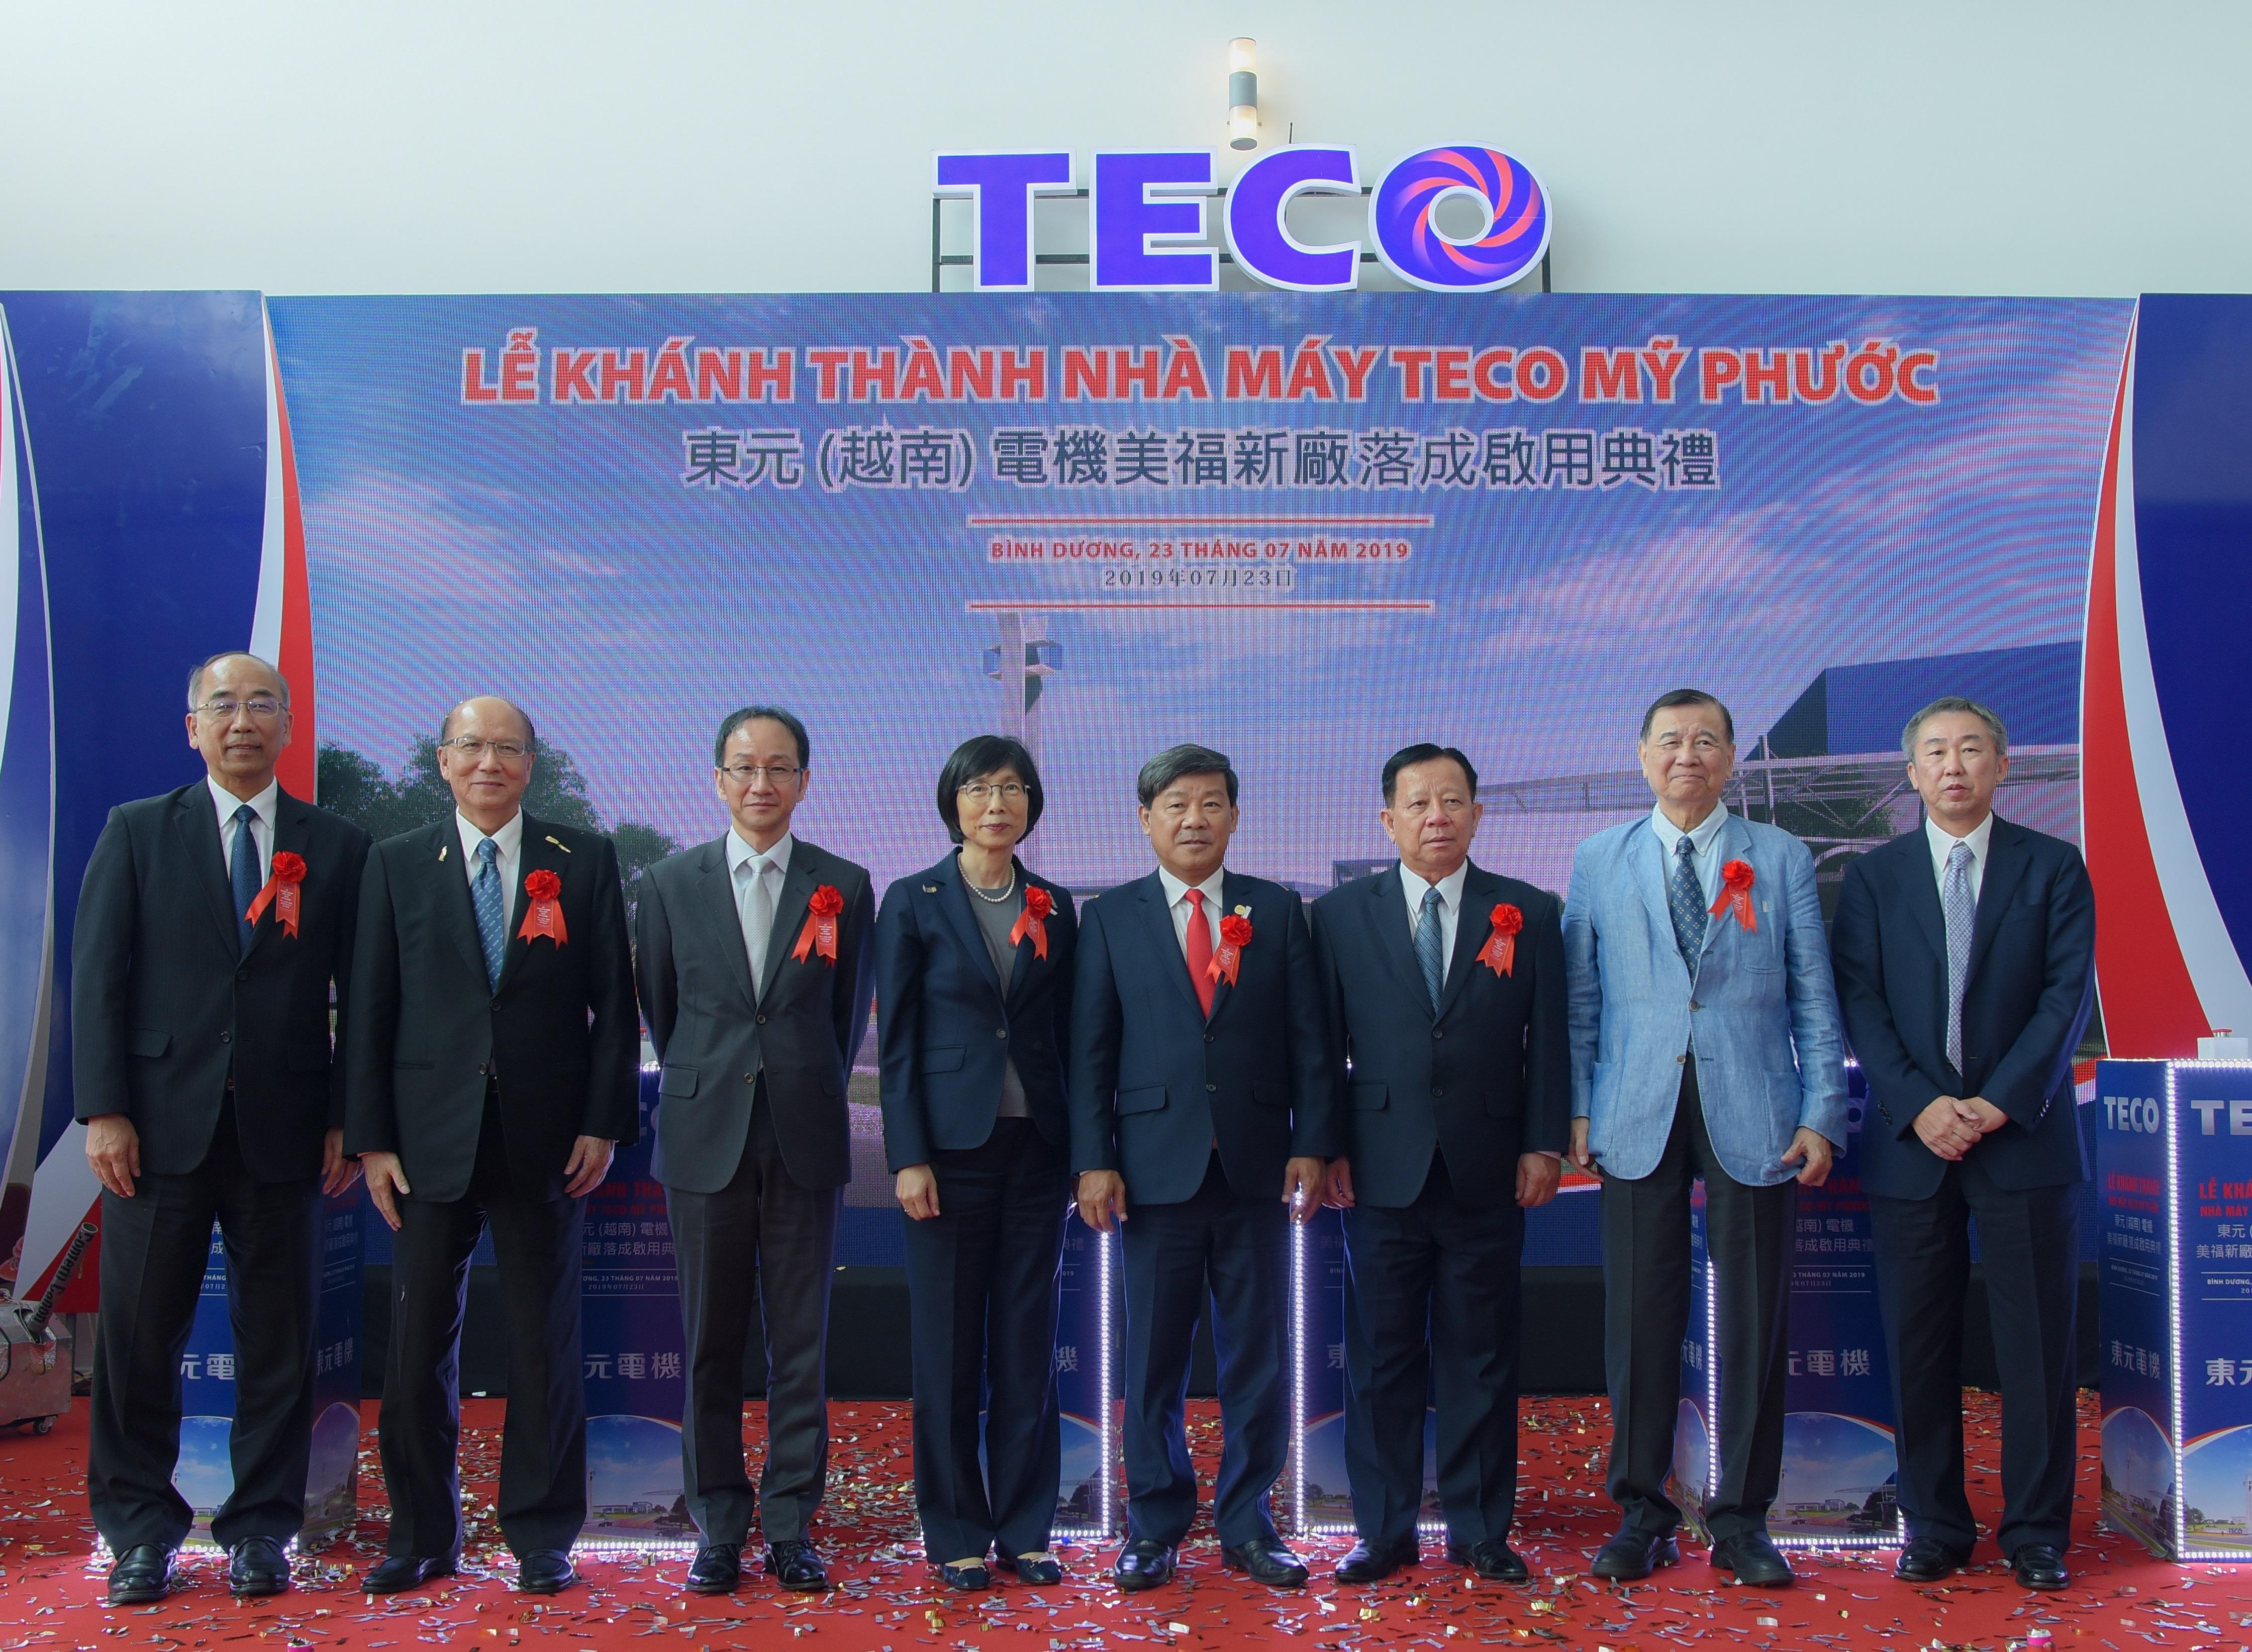 TECO VIỆT NAM khánh thành nhà máy bình dương